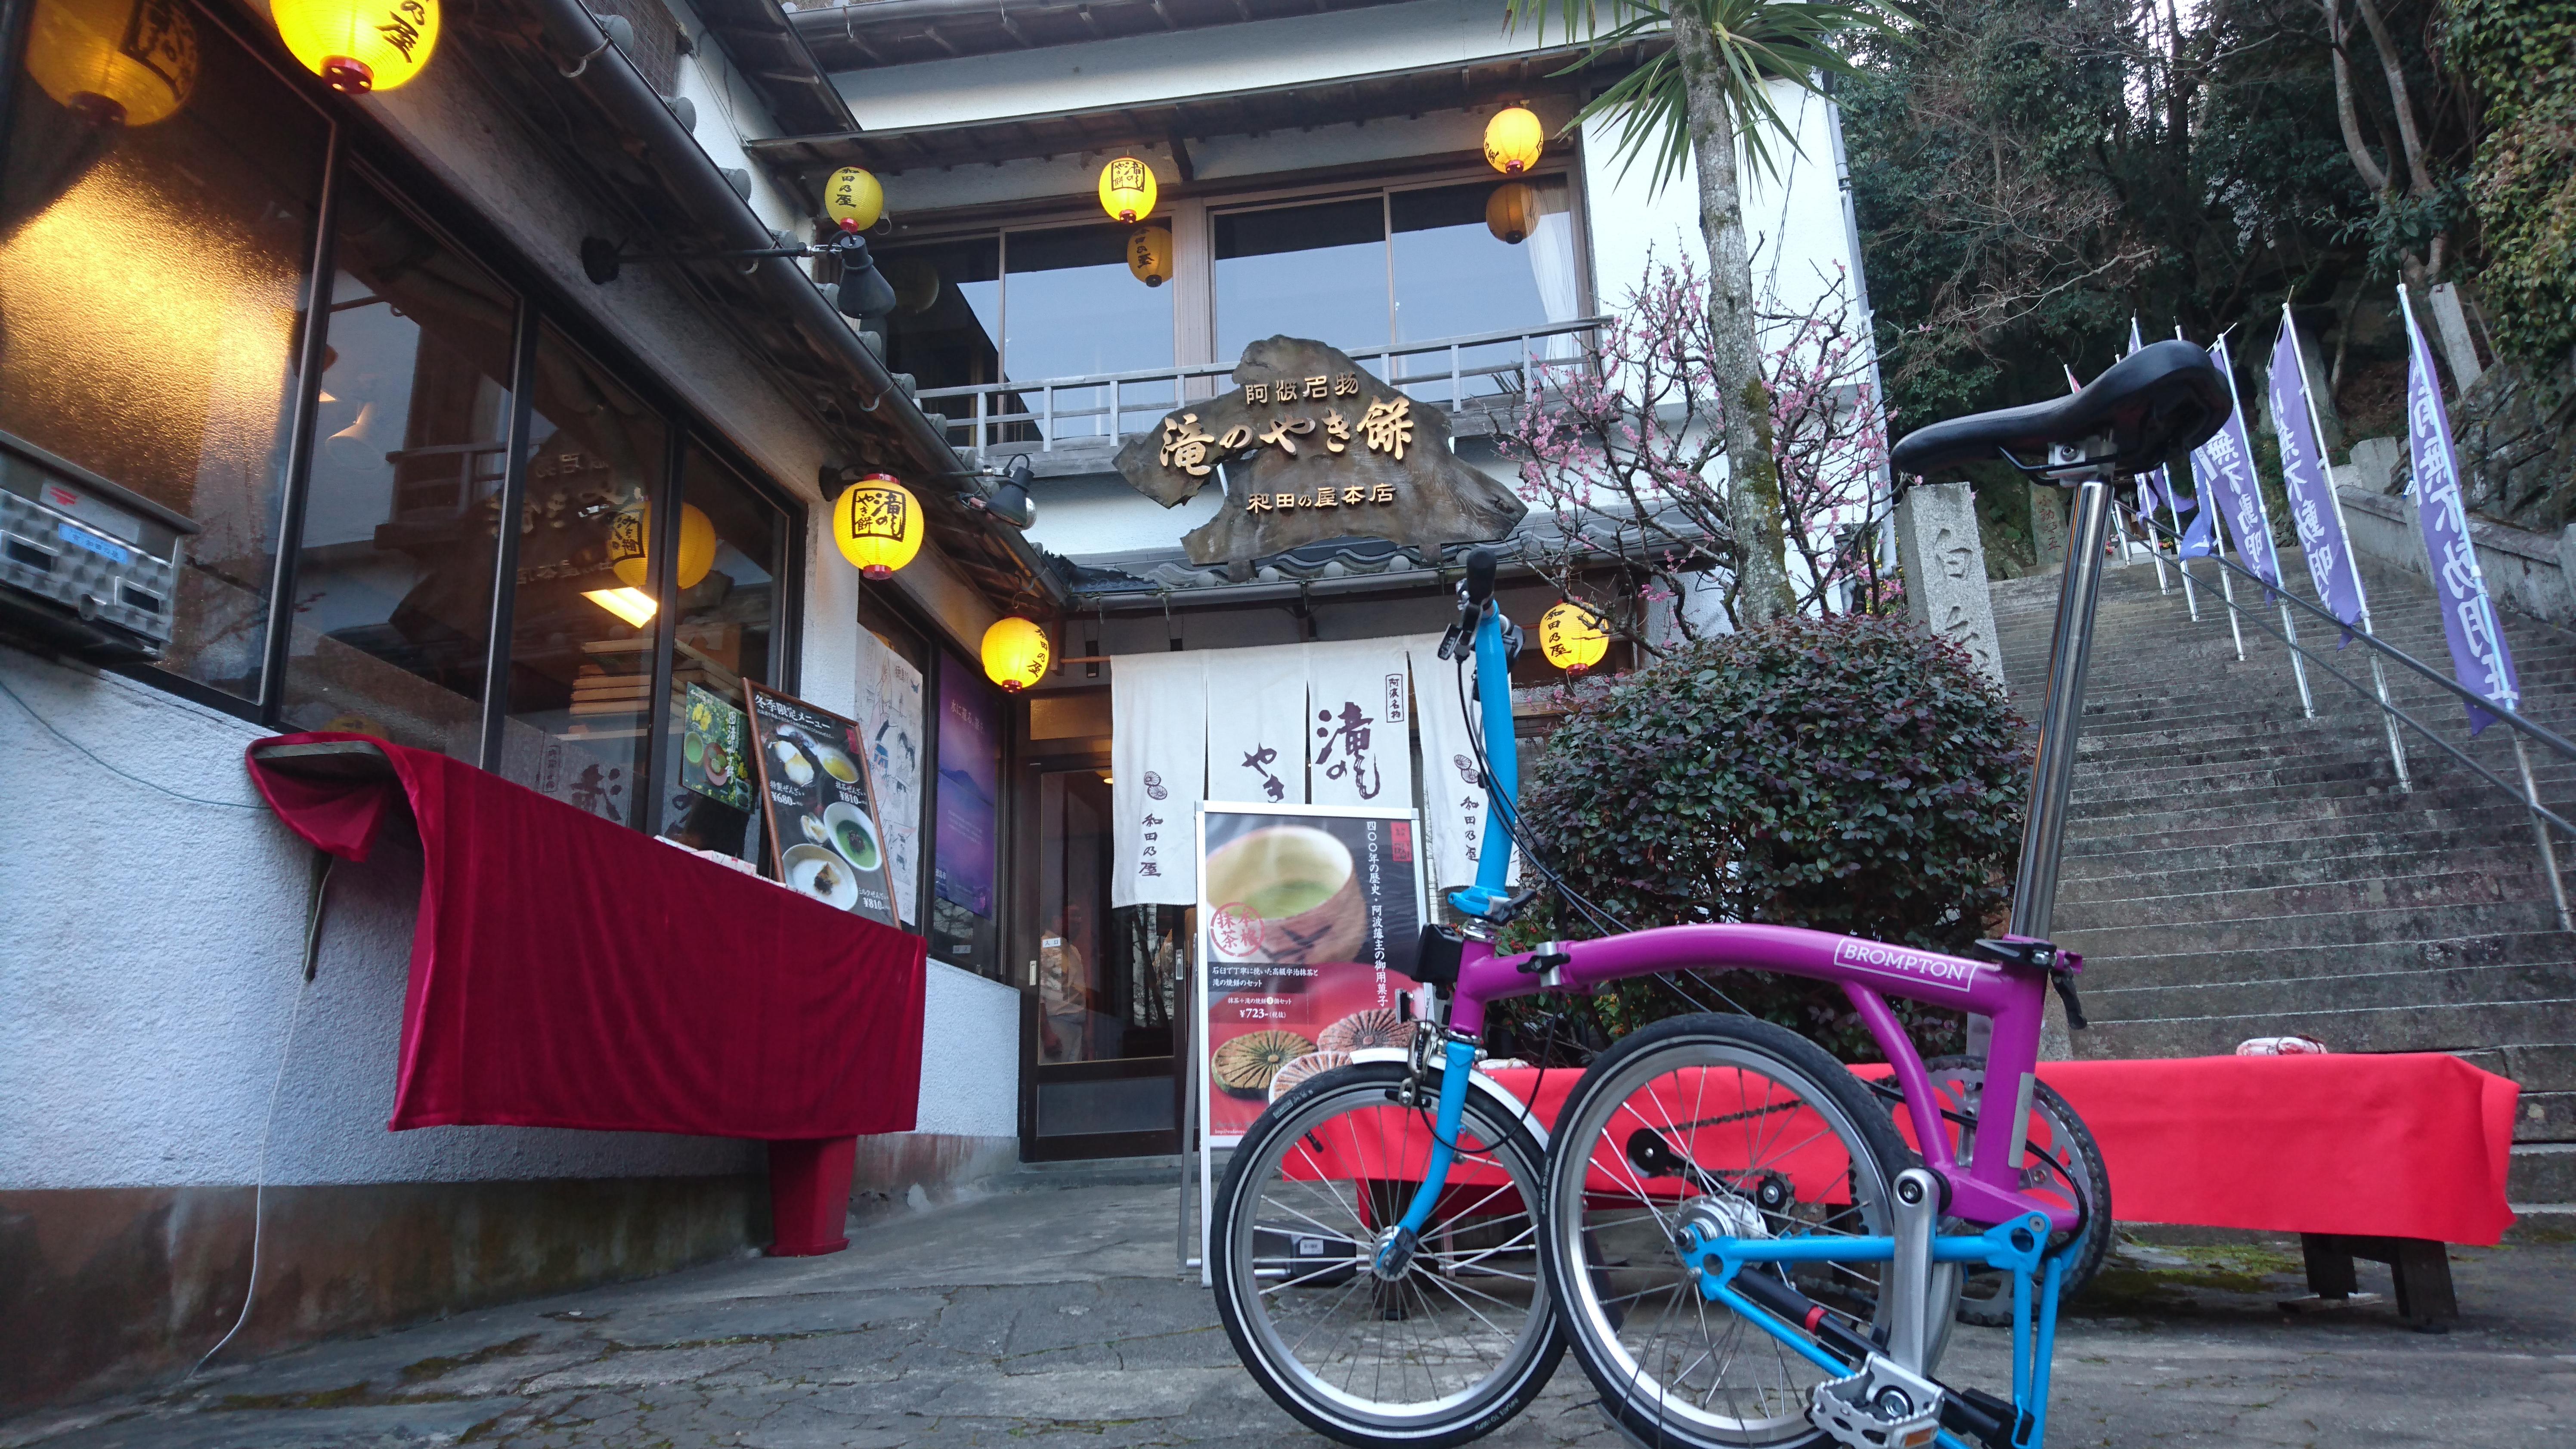 滝の焼餅は400年の歴史、阿波藩主の御用菓子です。